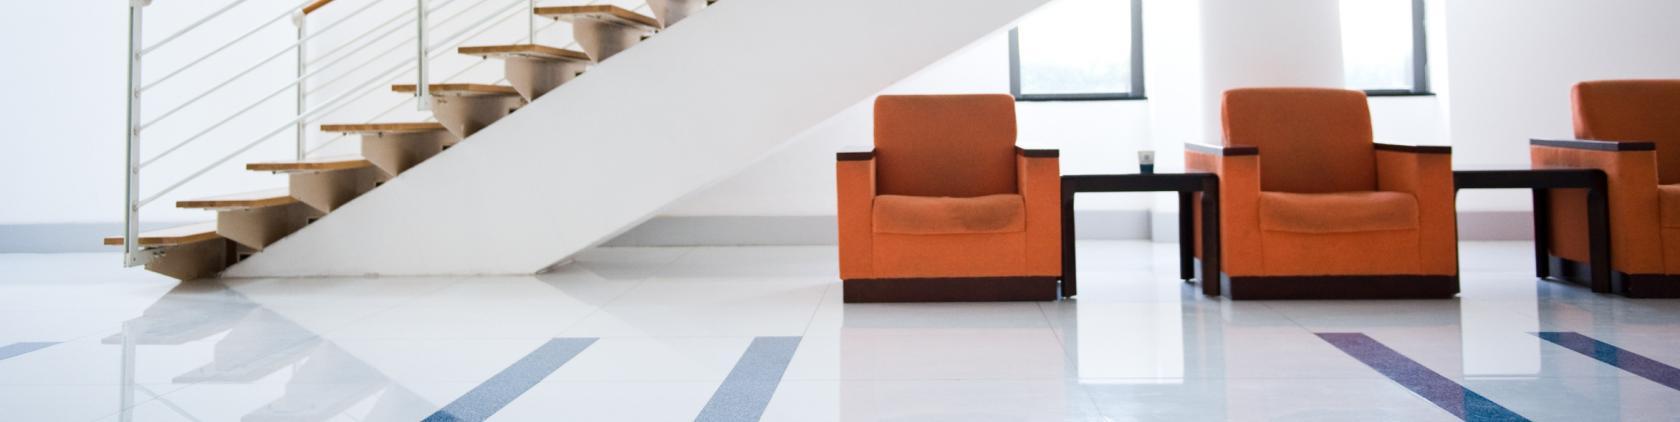 fliesen in b ro verwaltungsgeb uden und praxen fliesen seitz mannheim fliesen f r moderne. Black Bedroom Furniture Sets. Home Design Ideas